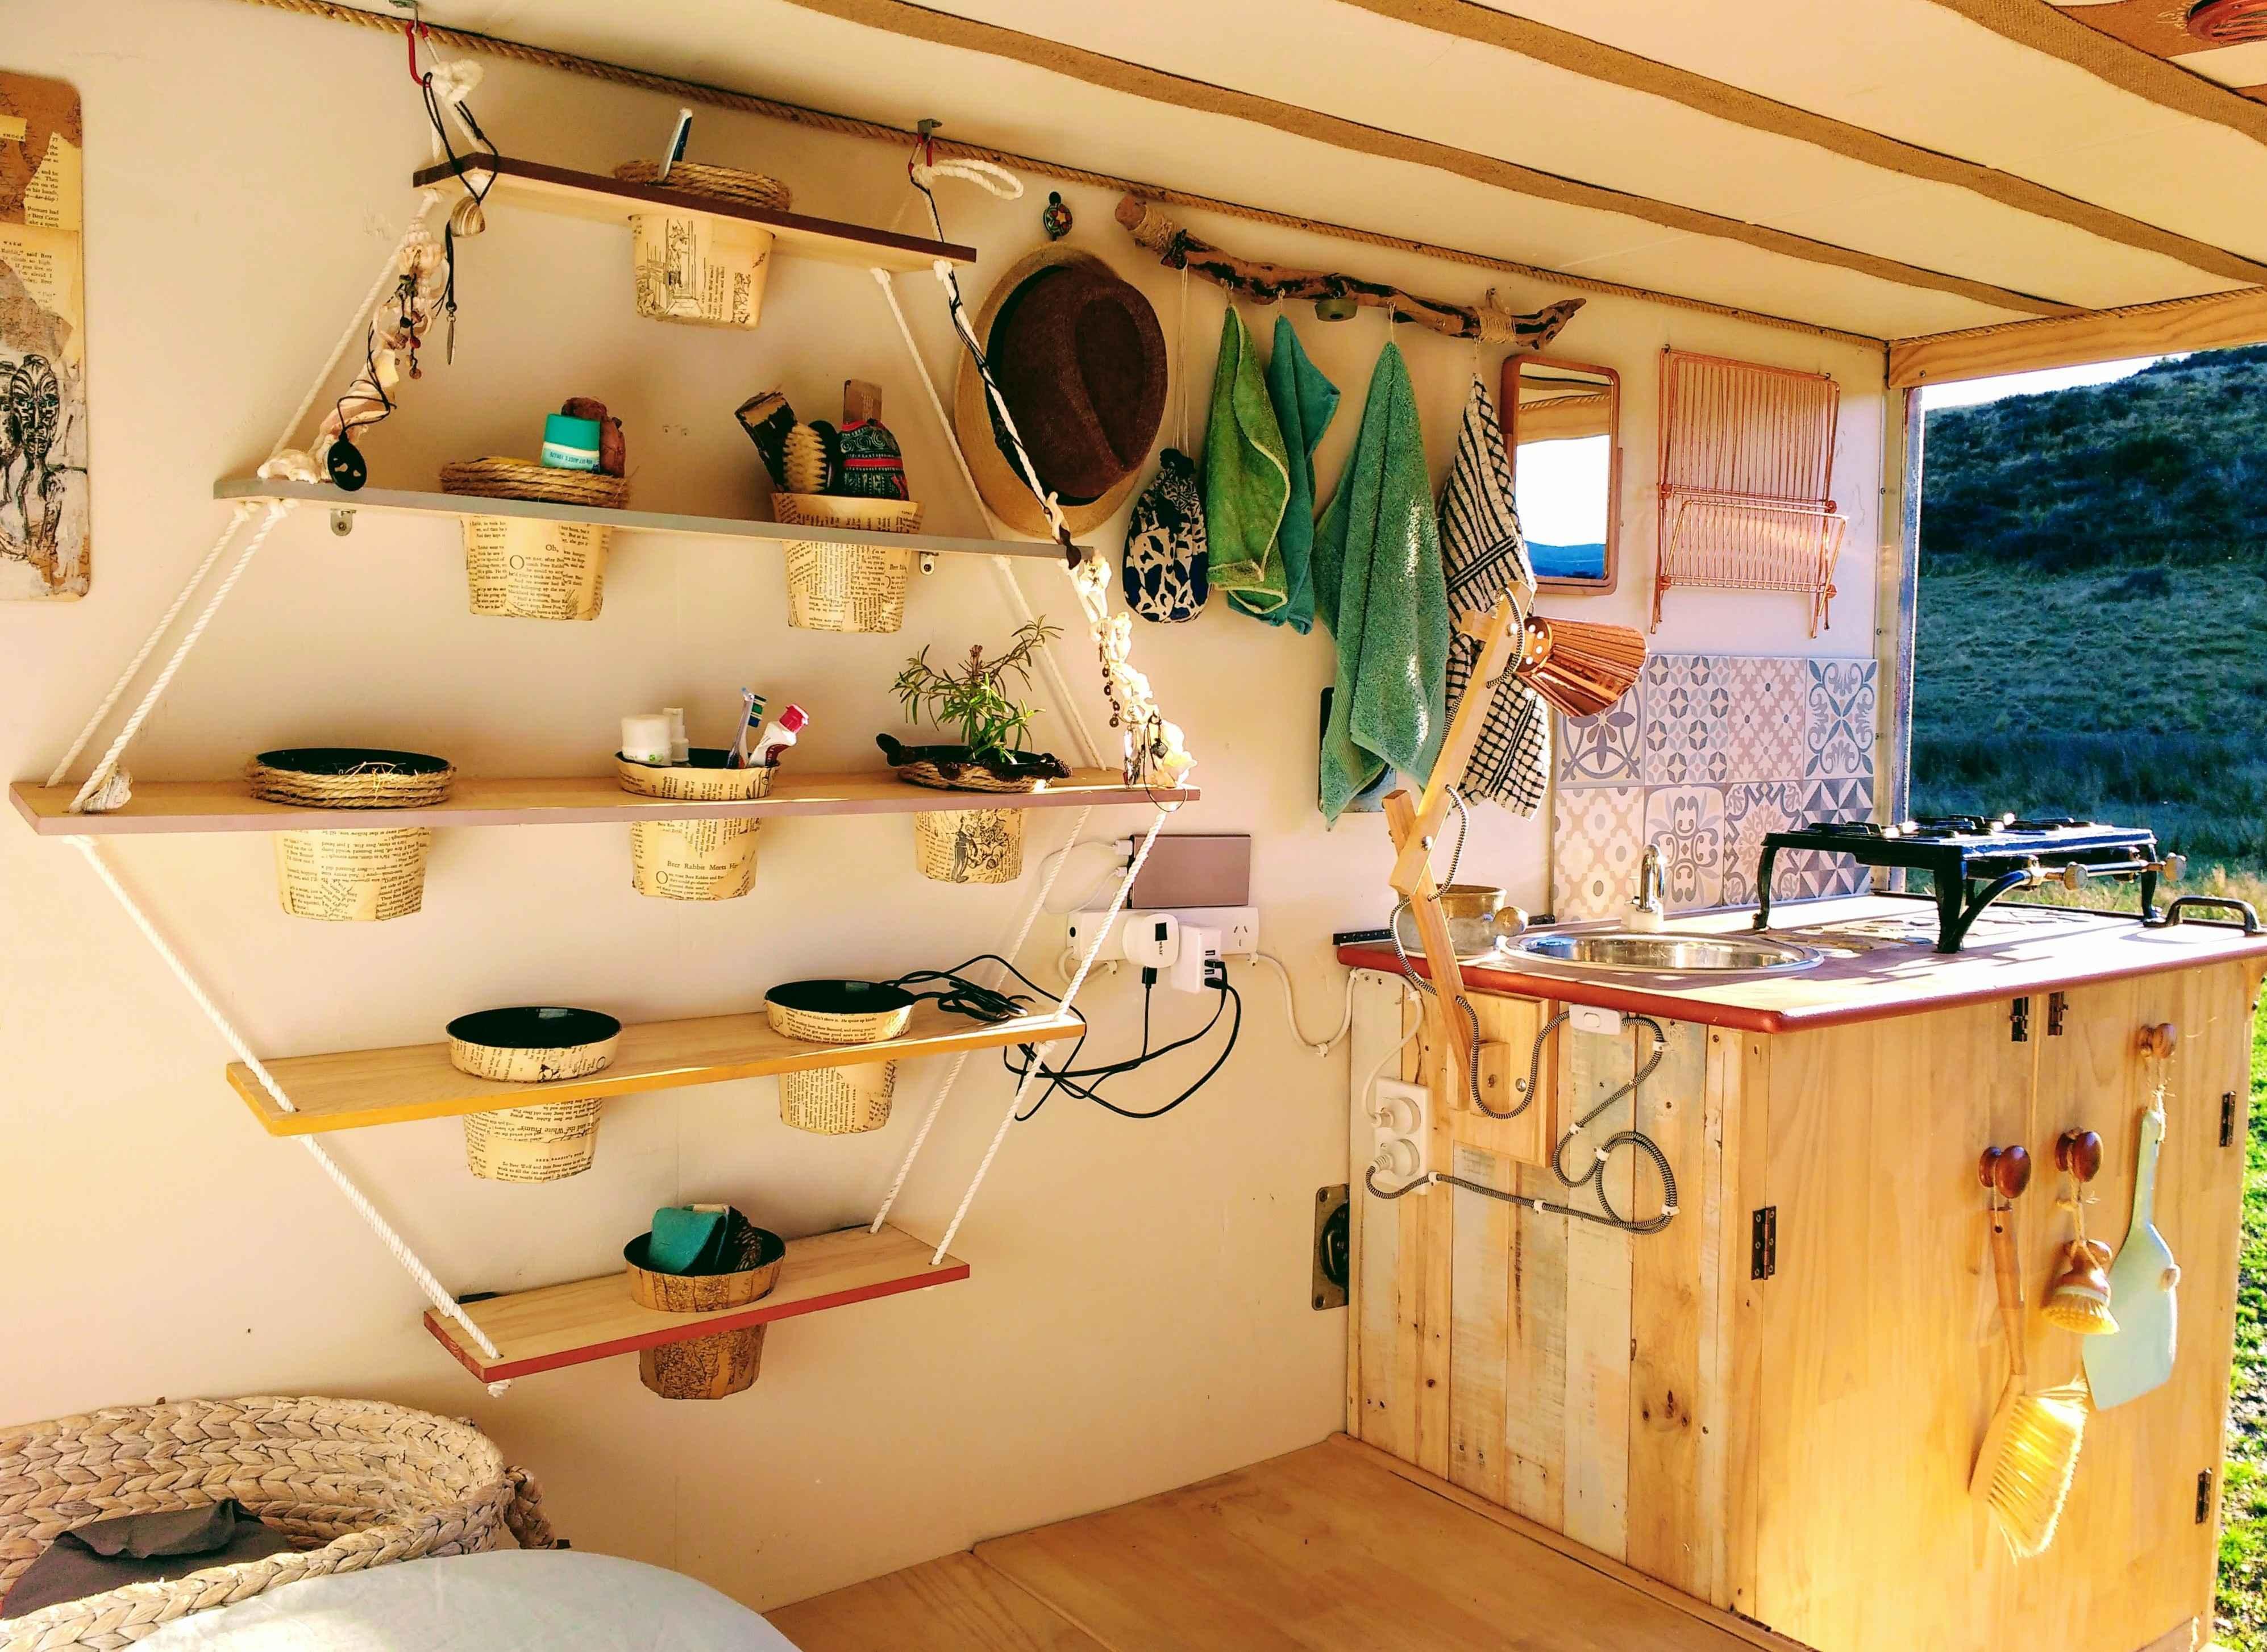 Innenverkleidung Wohnmobil - Was eignet sich am besten?